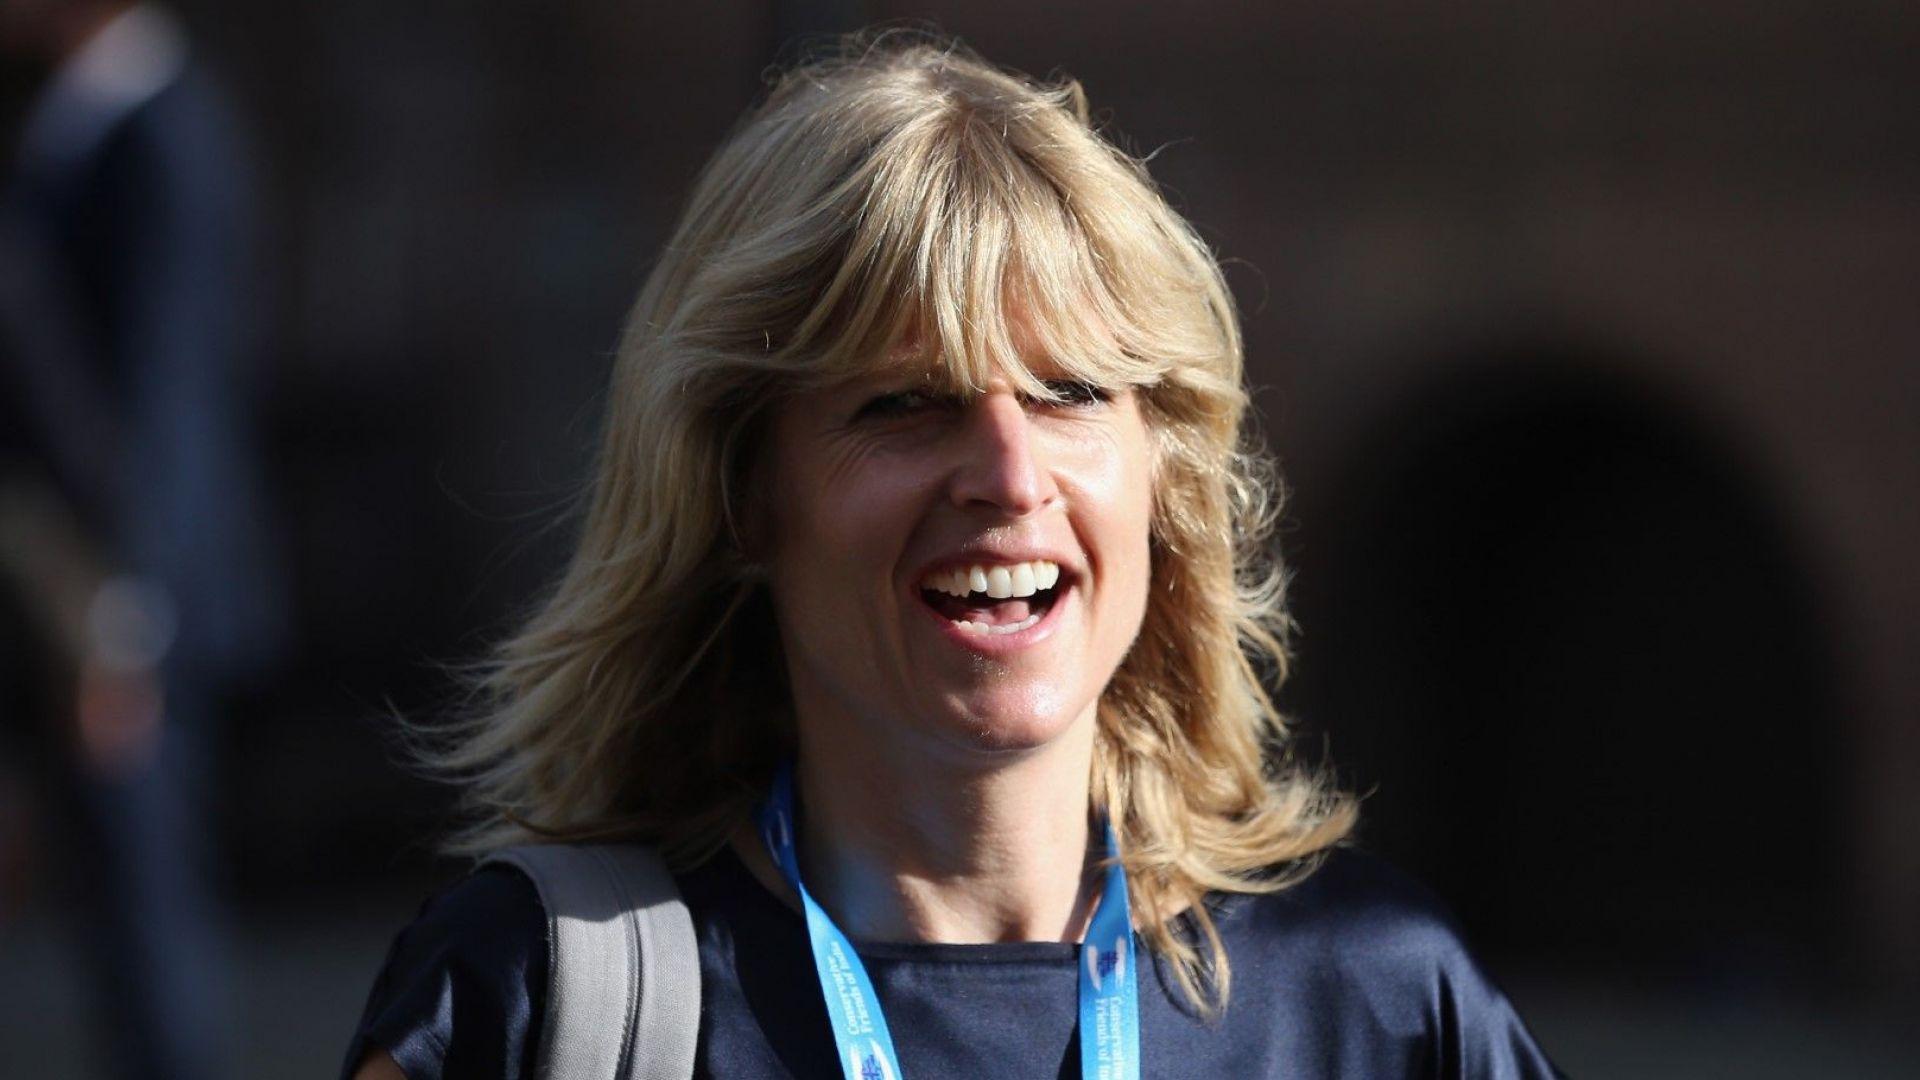 Сестрата на Борис Джонсън - Рейчъл, е кандидат за евродепутат от проевропейска партия